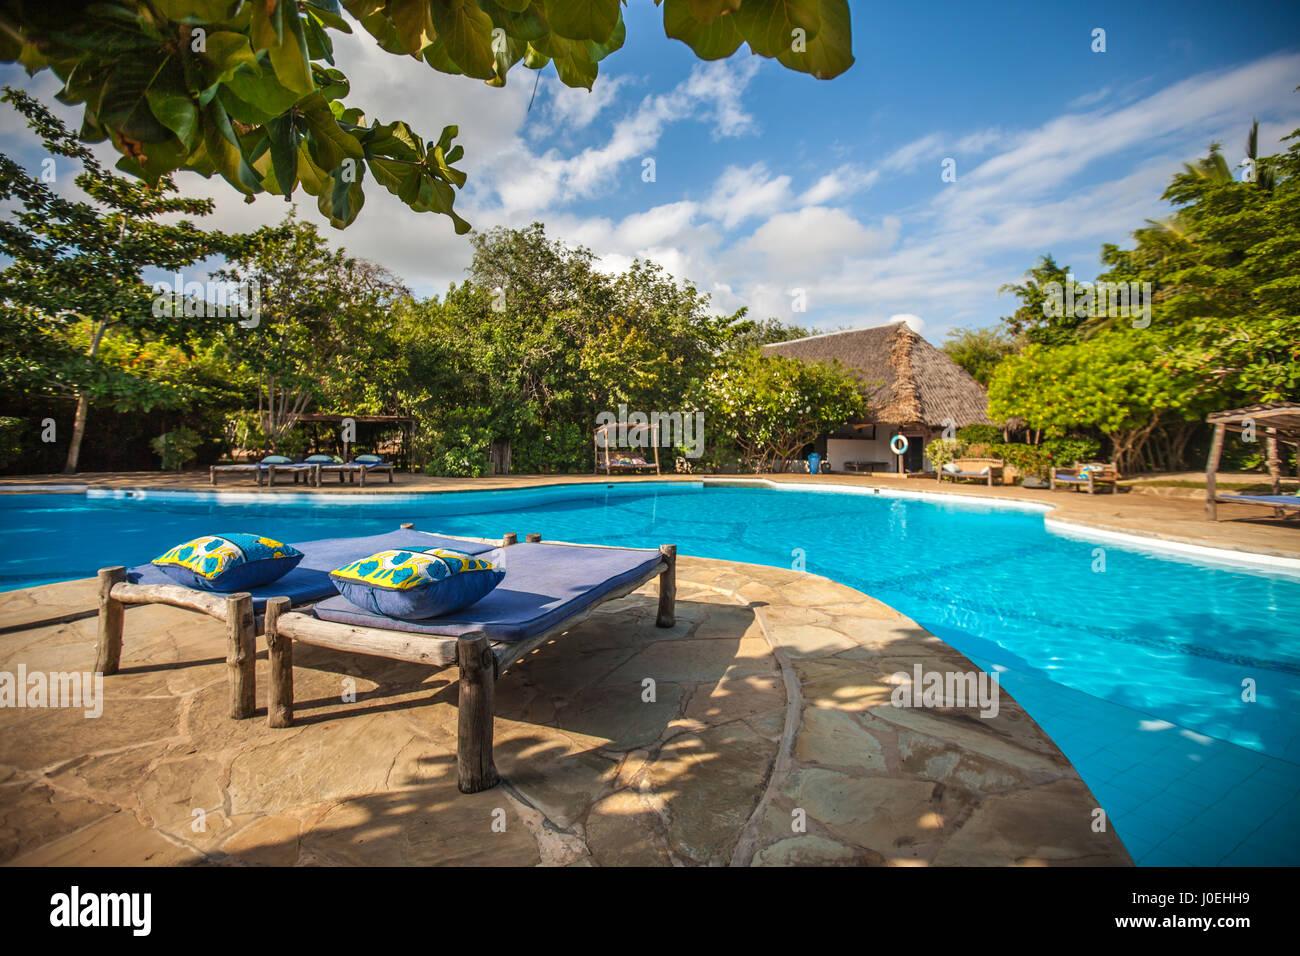 Kinondo Kweto luxury beach resort Diani Beach Kenya - Stock Image